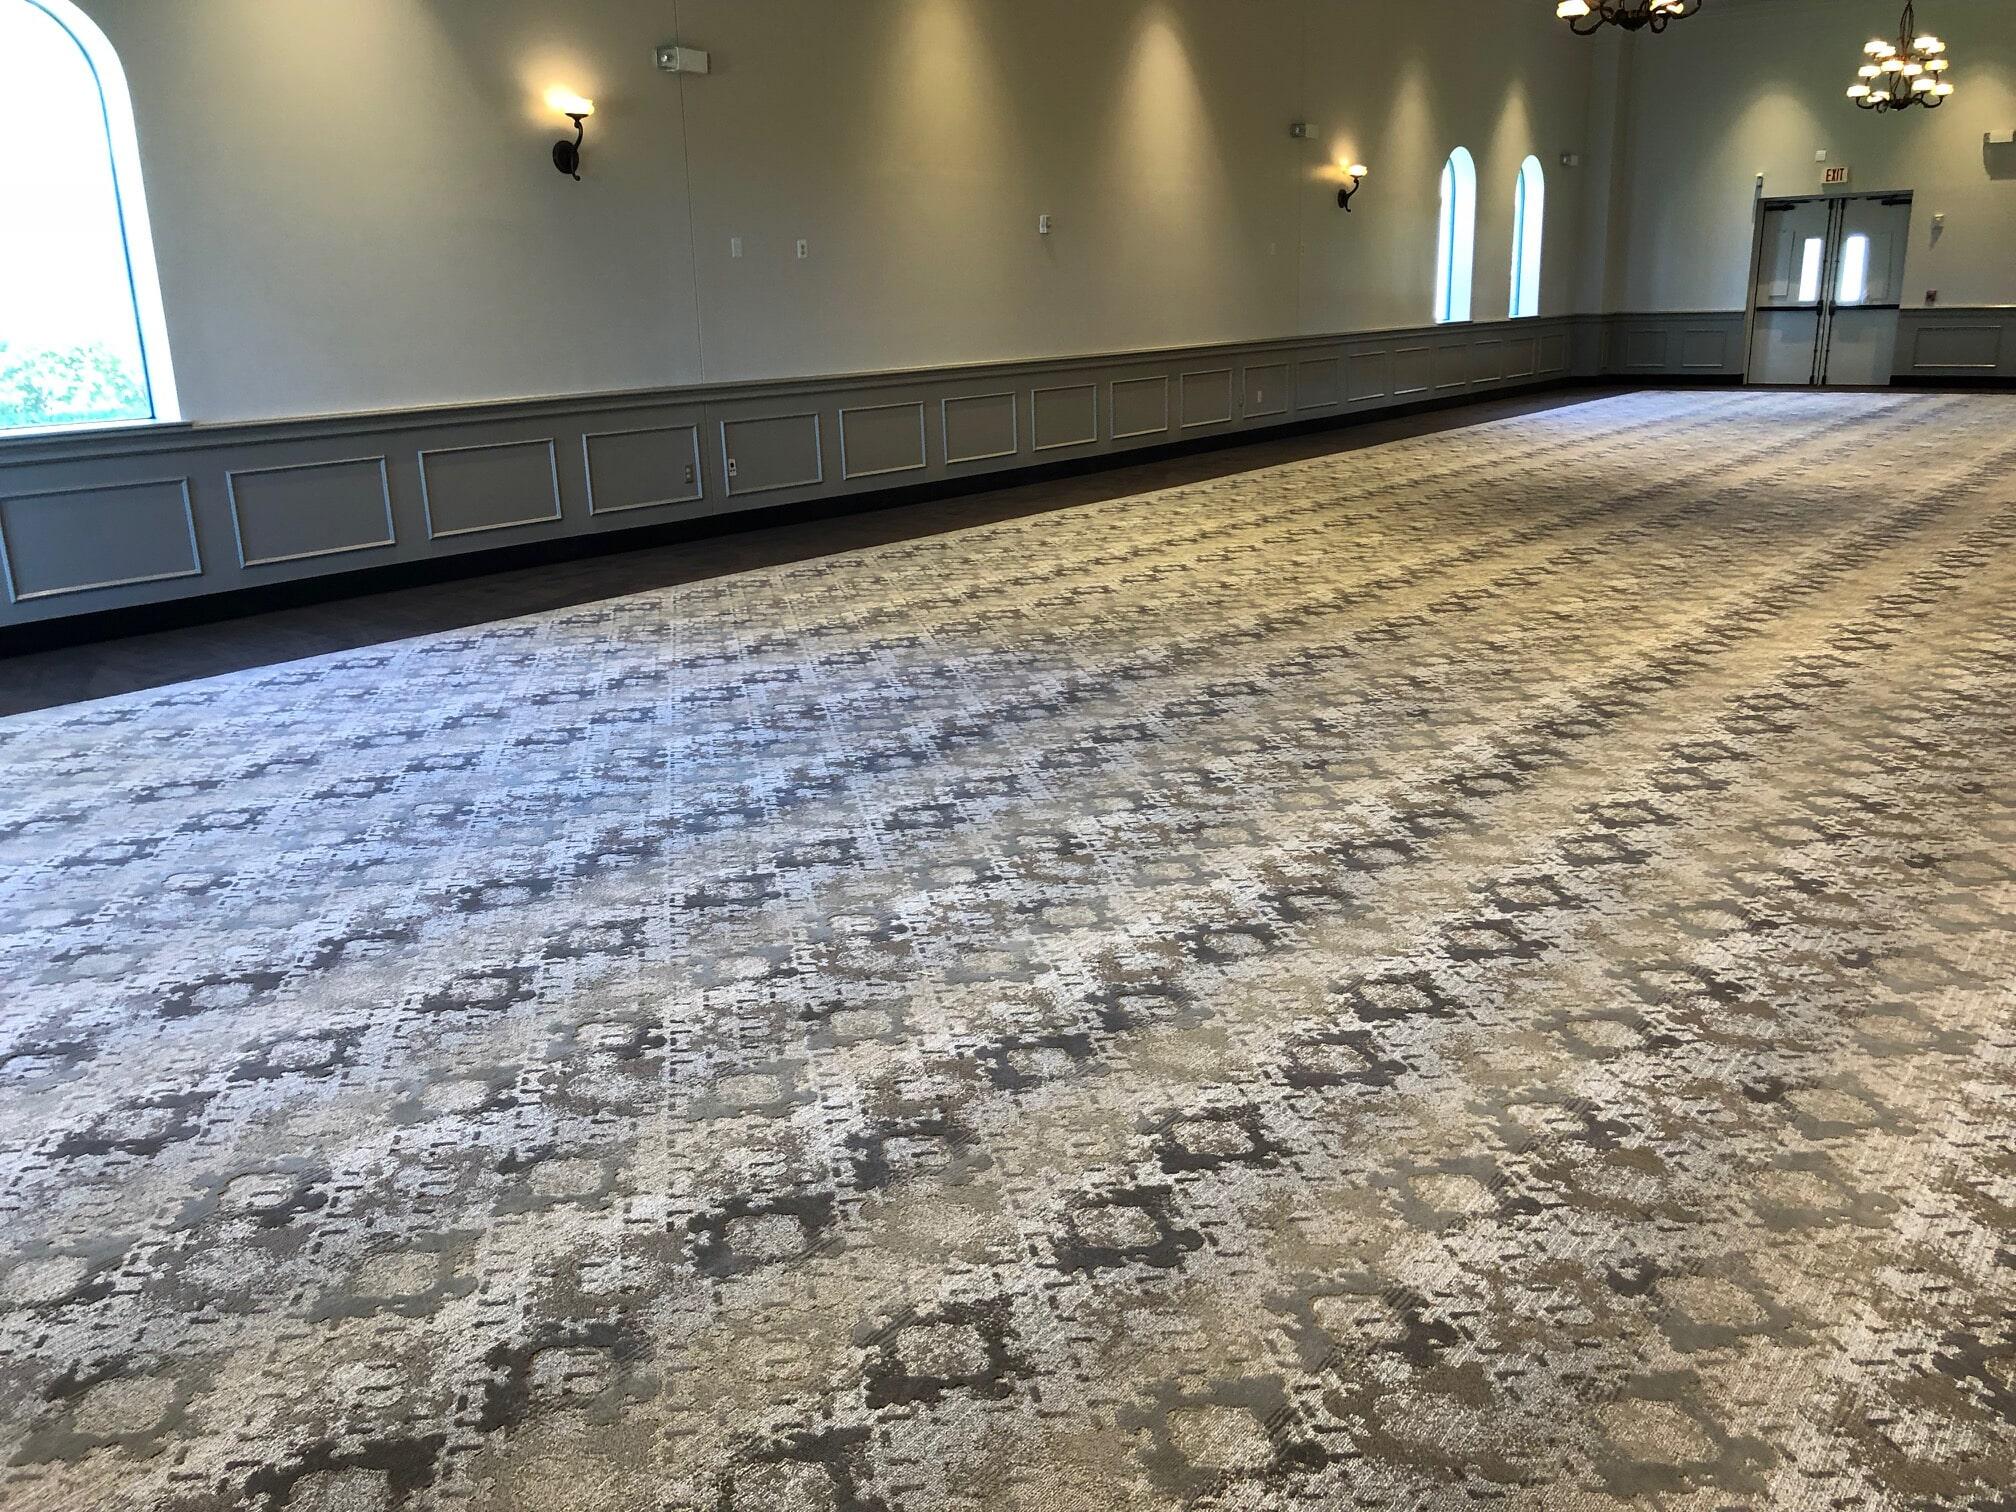 Carpet flooring from The Flooring Center in Dr. Phillips, FL